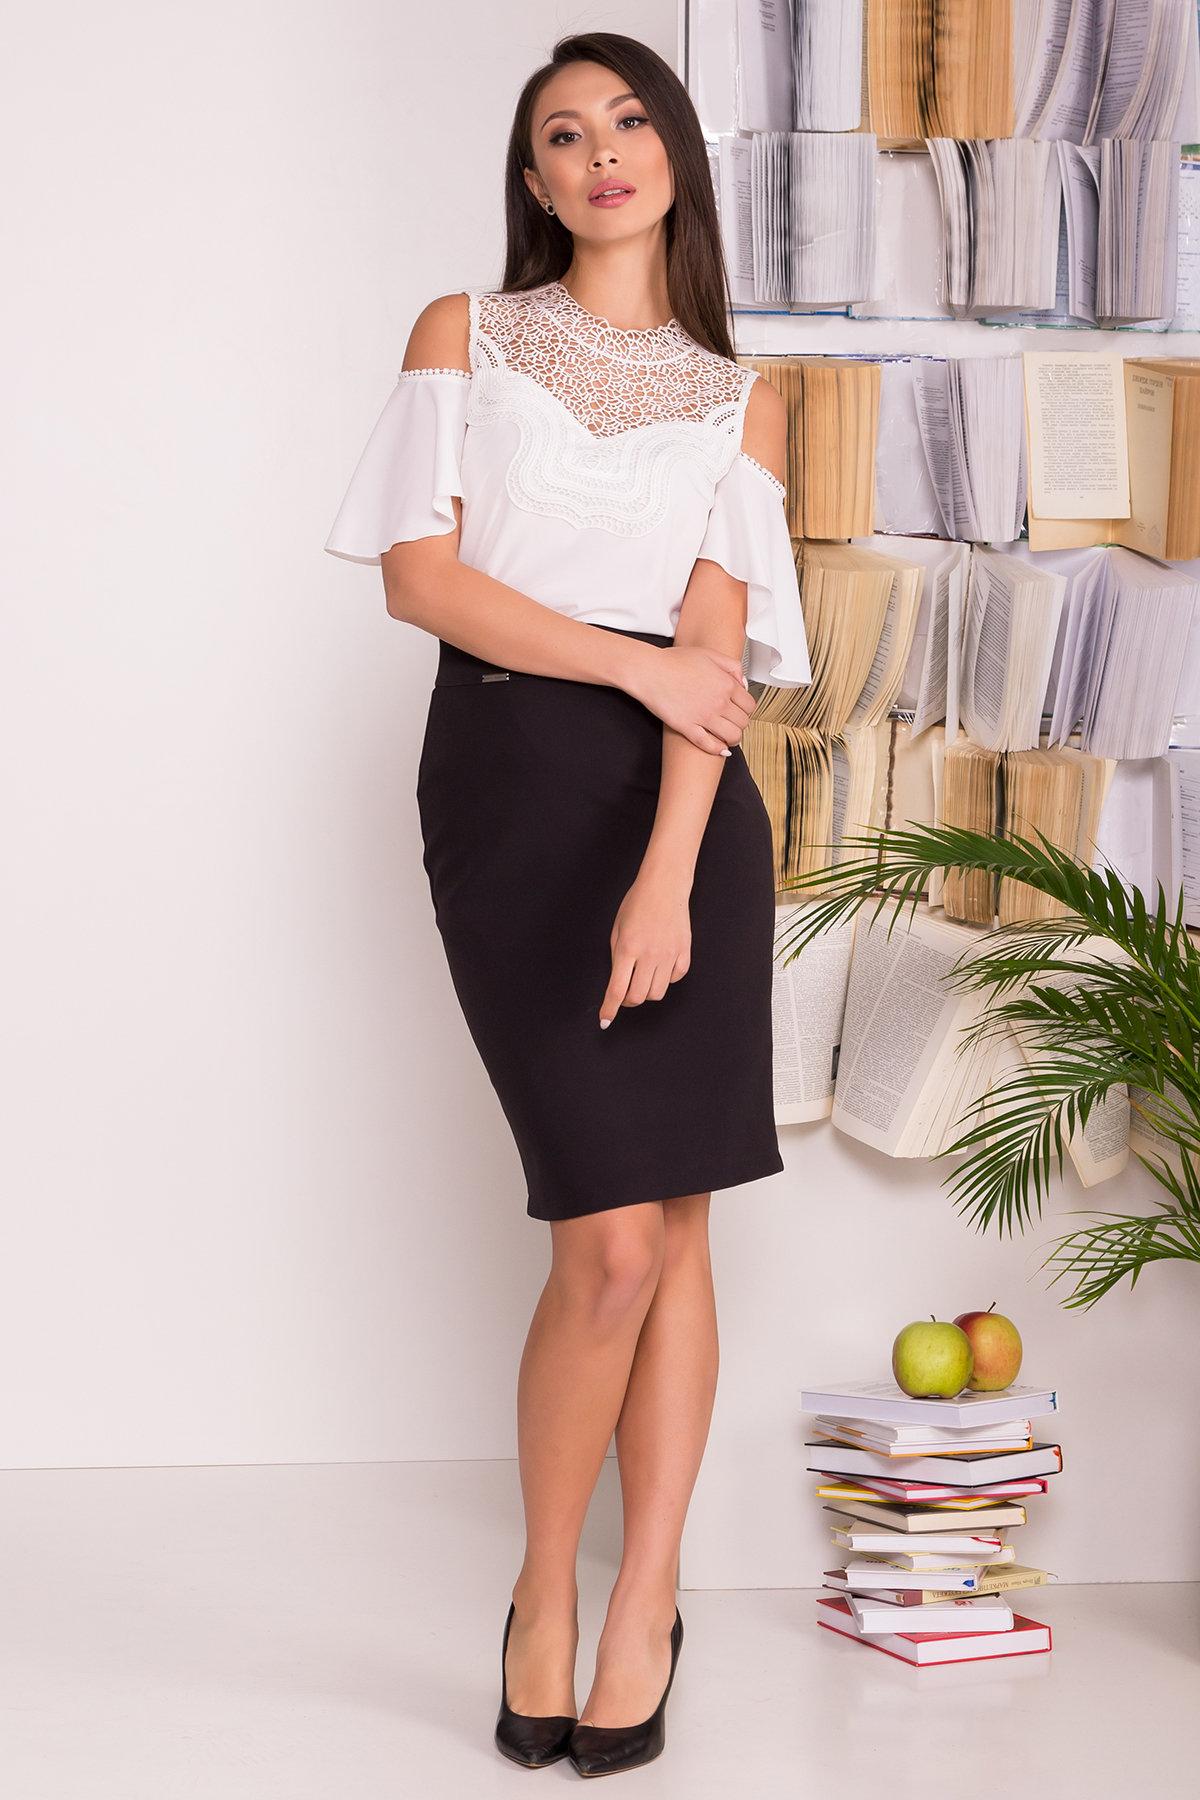 Купить женские блузки оптом в Украине Блуза Лотос 5205